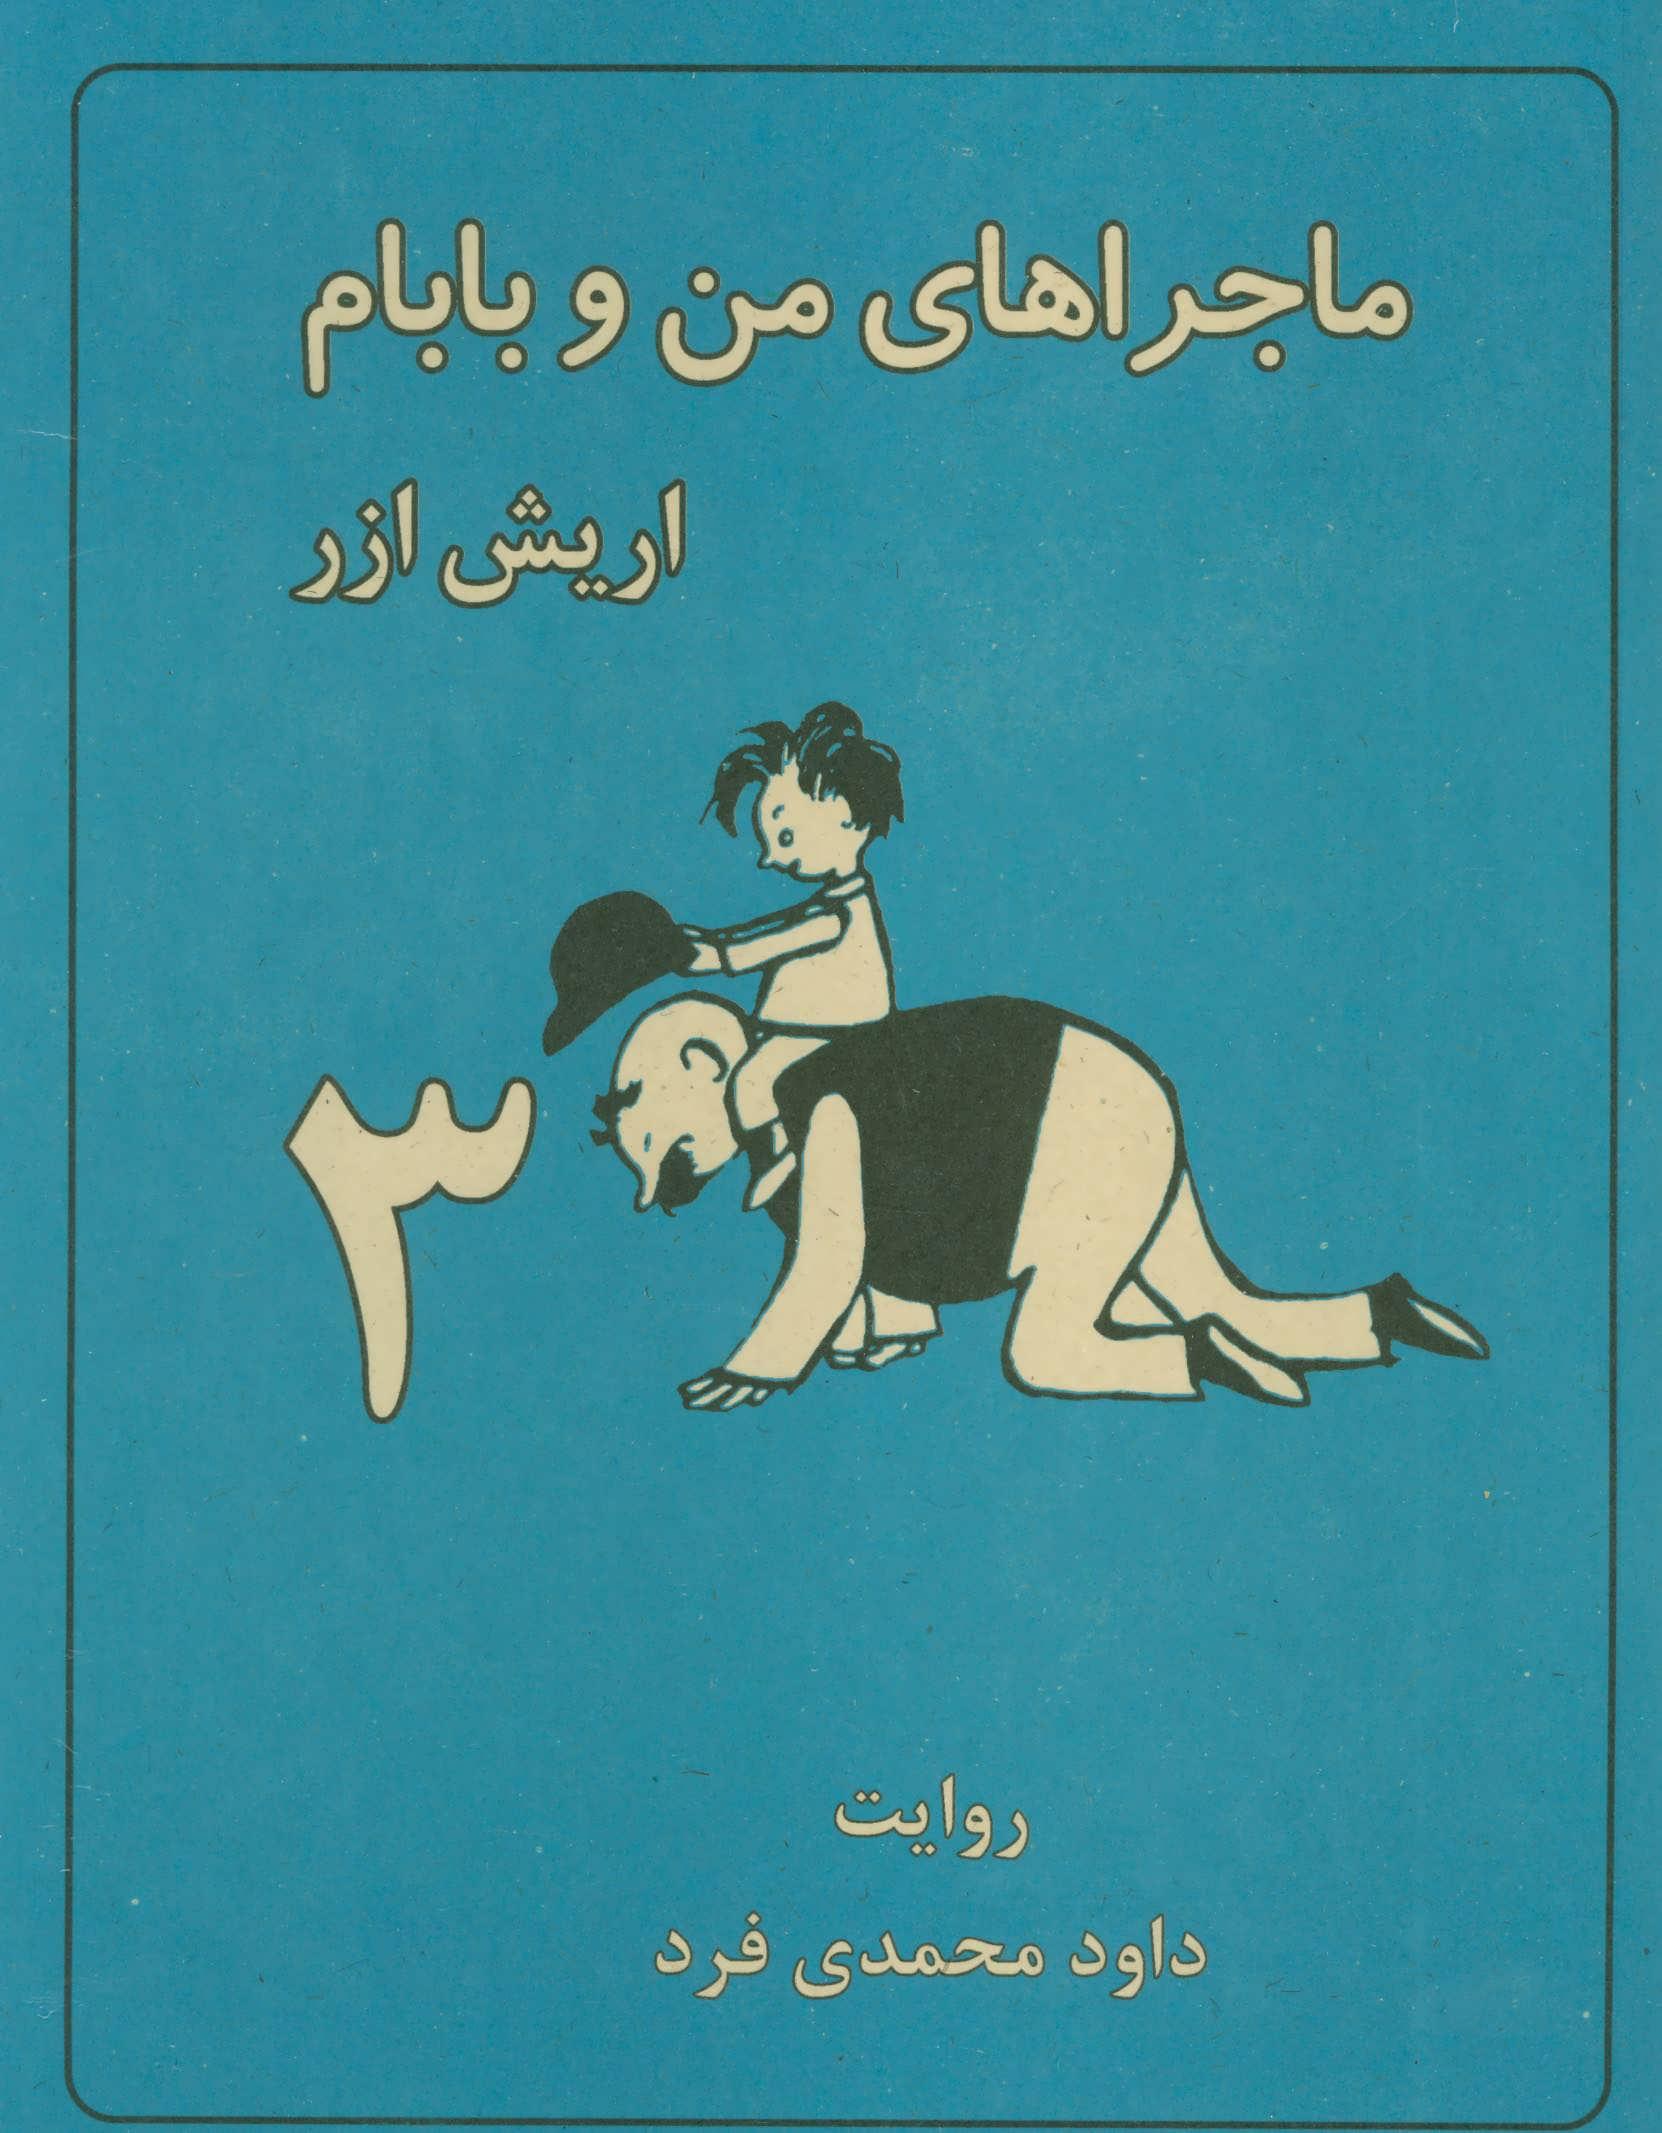 کتاب ماجراهای من و بابام 3